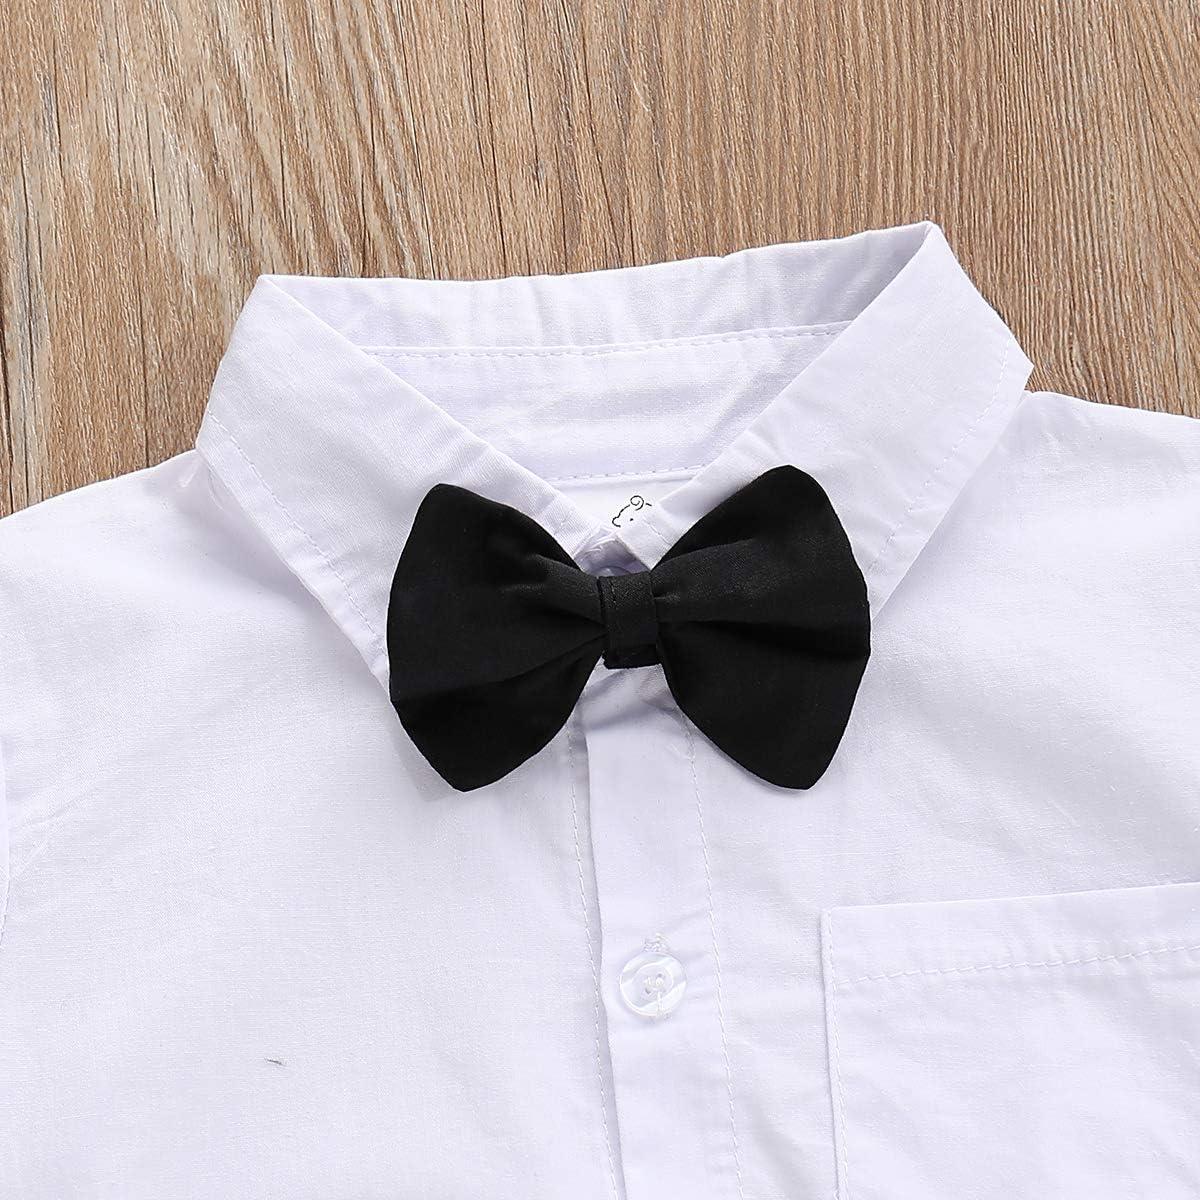 Camiseta de manga corta con botones y pajarita para caballero, para bebés, fiesta de cumpleaños, torta, sesión de fotos, boda, bautizo: Amazon.es: Ropa y accesorios